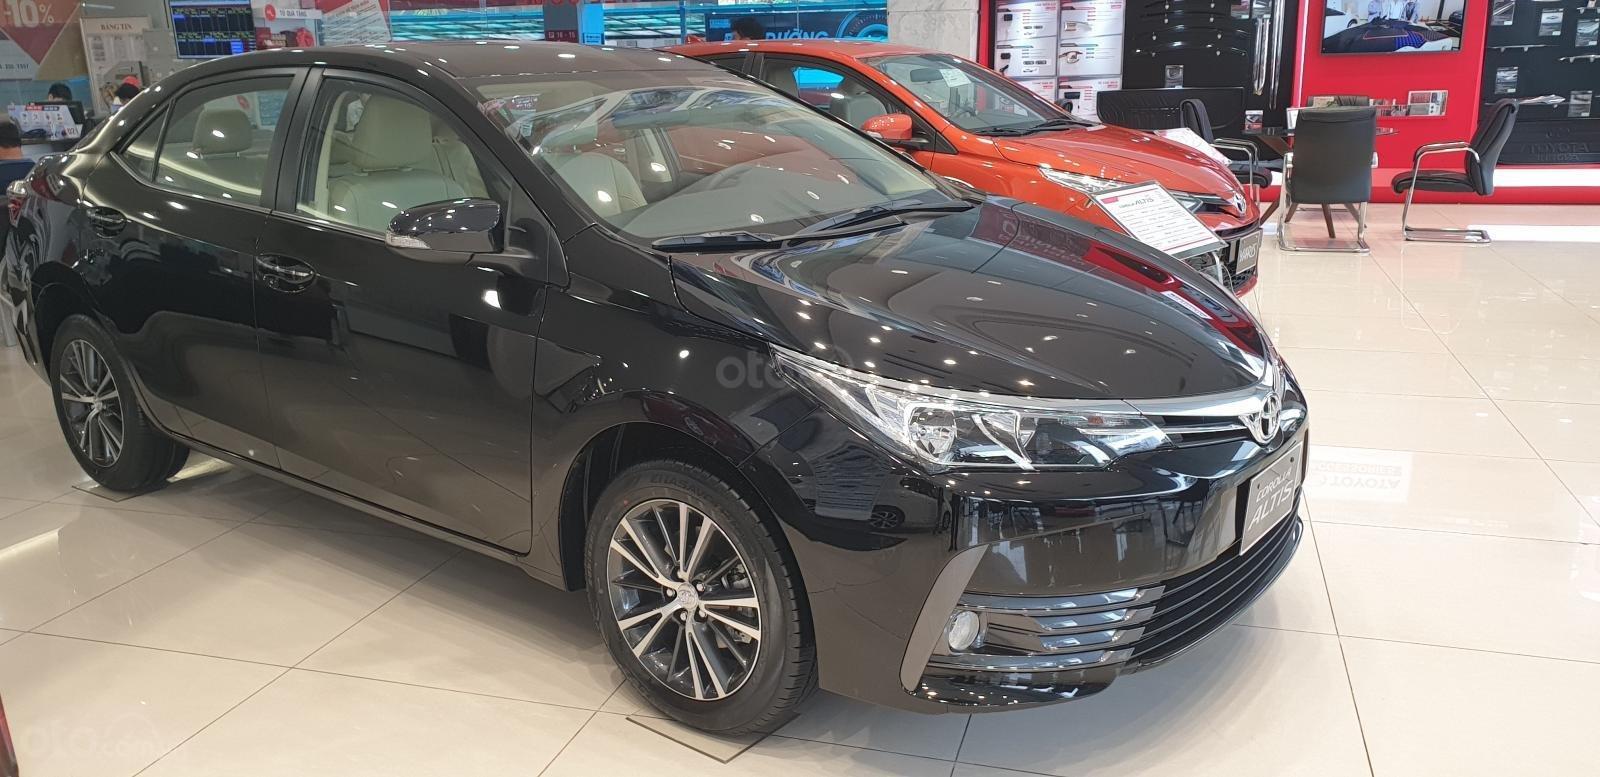 Toyota Corolla Altis 2019 sở hữu kích thước D x R x C tương ứng 4.620 x 1.775 x 1.460 (mm) a2